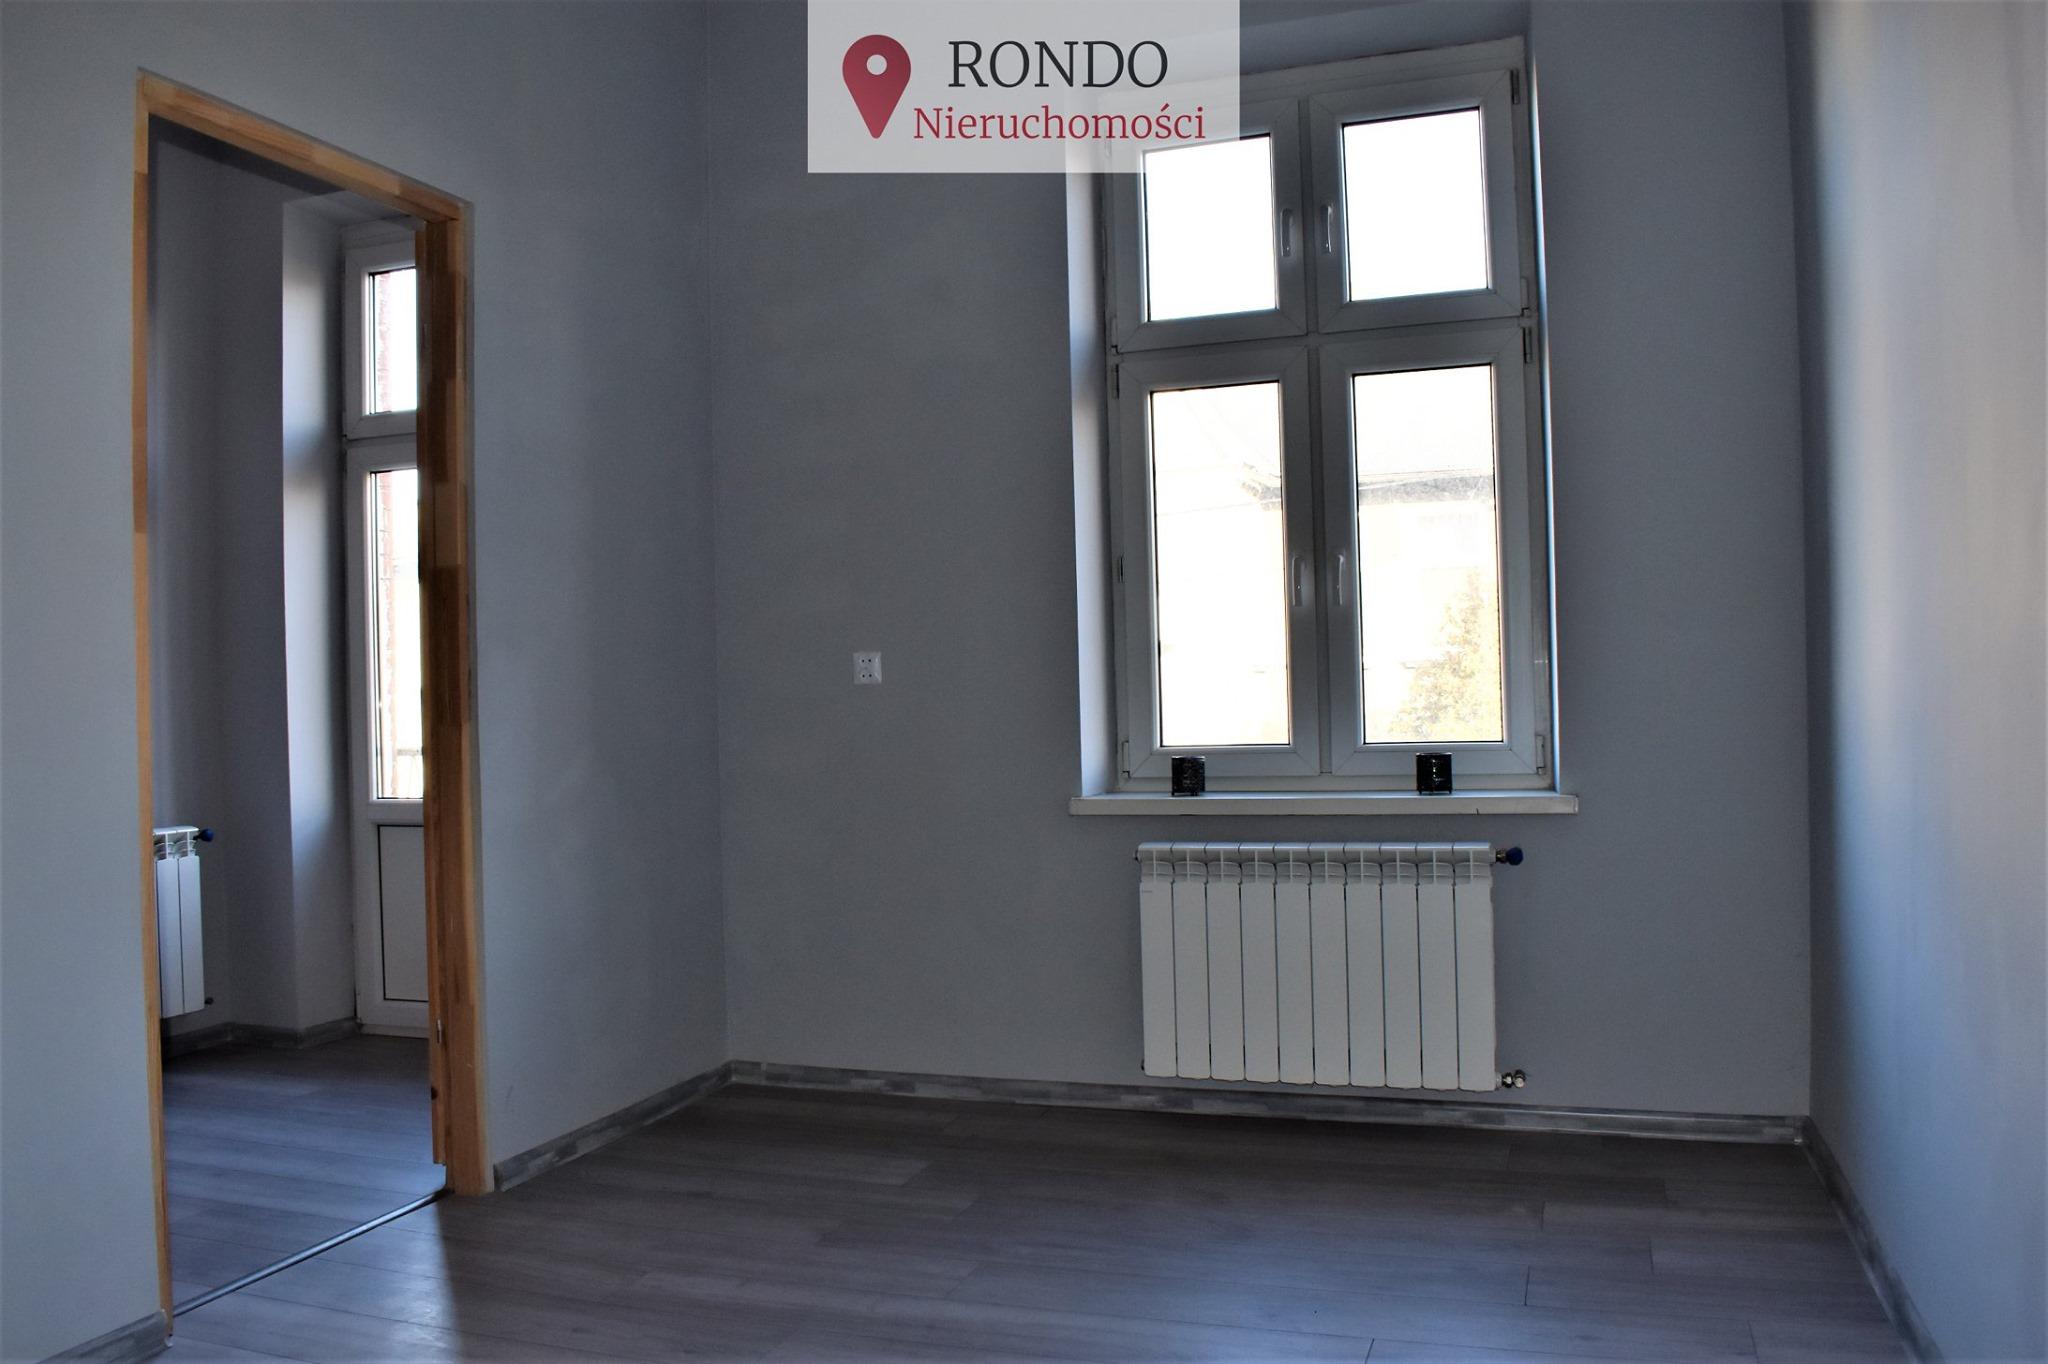 ‼️ Okazja ‼️ Mieszkanie na sprzedaż w Nowych Skalmierzycach